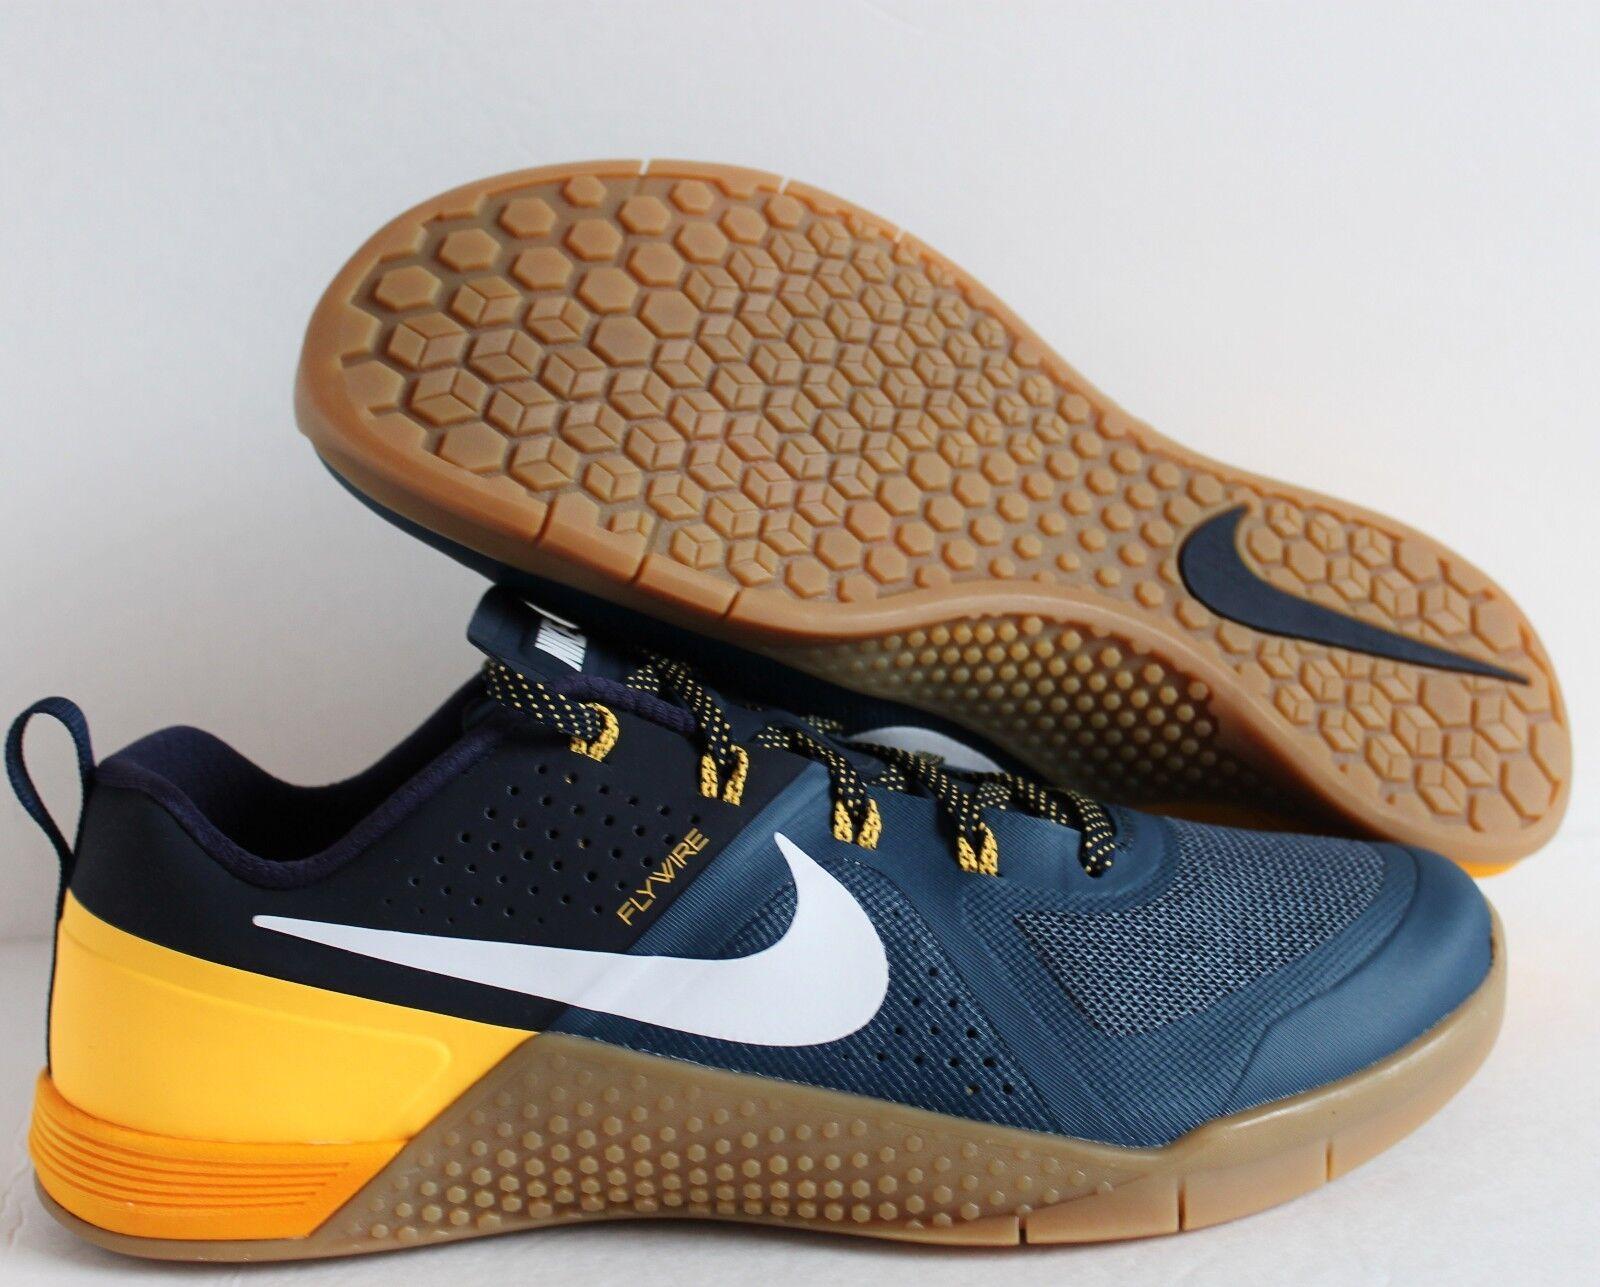 Nike metcon 1 12,5 squadriglia blue-white-obsidian-laser orange sz 12,5 1 - 704688-410] ec7aa3